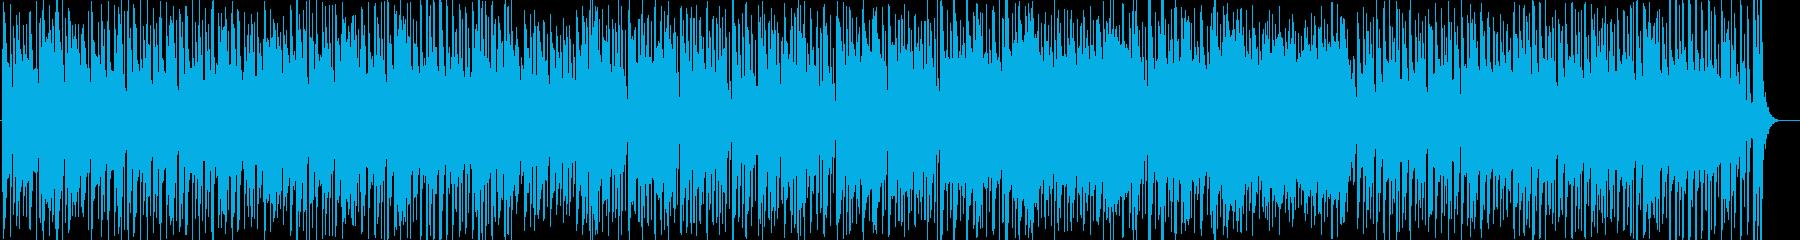 クラシックをアレンジしたチャチャチャの再生済みの波形